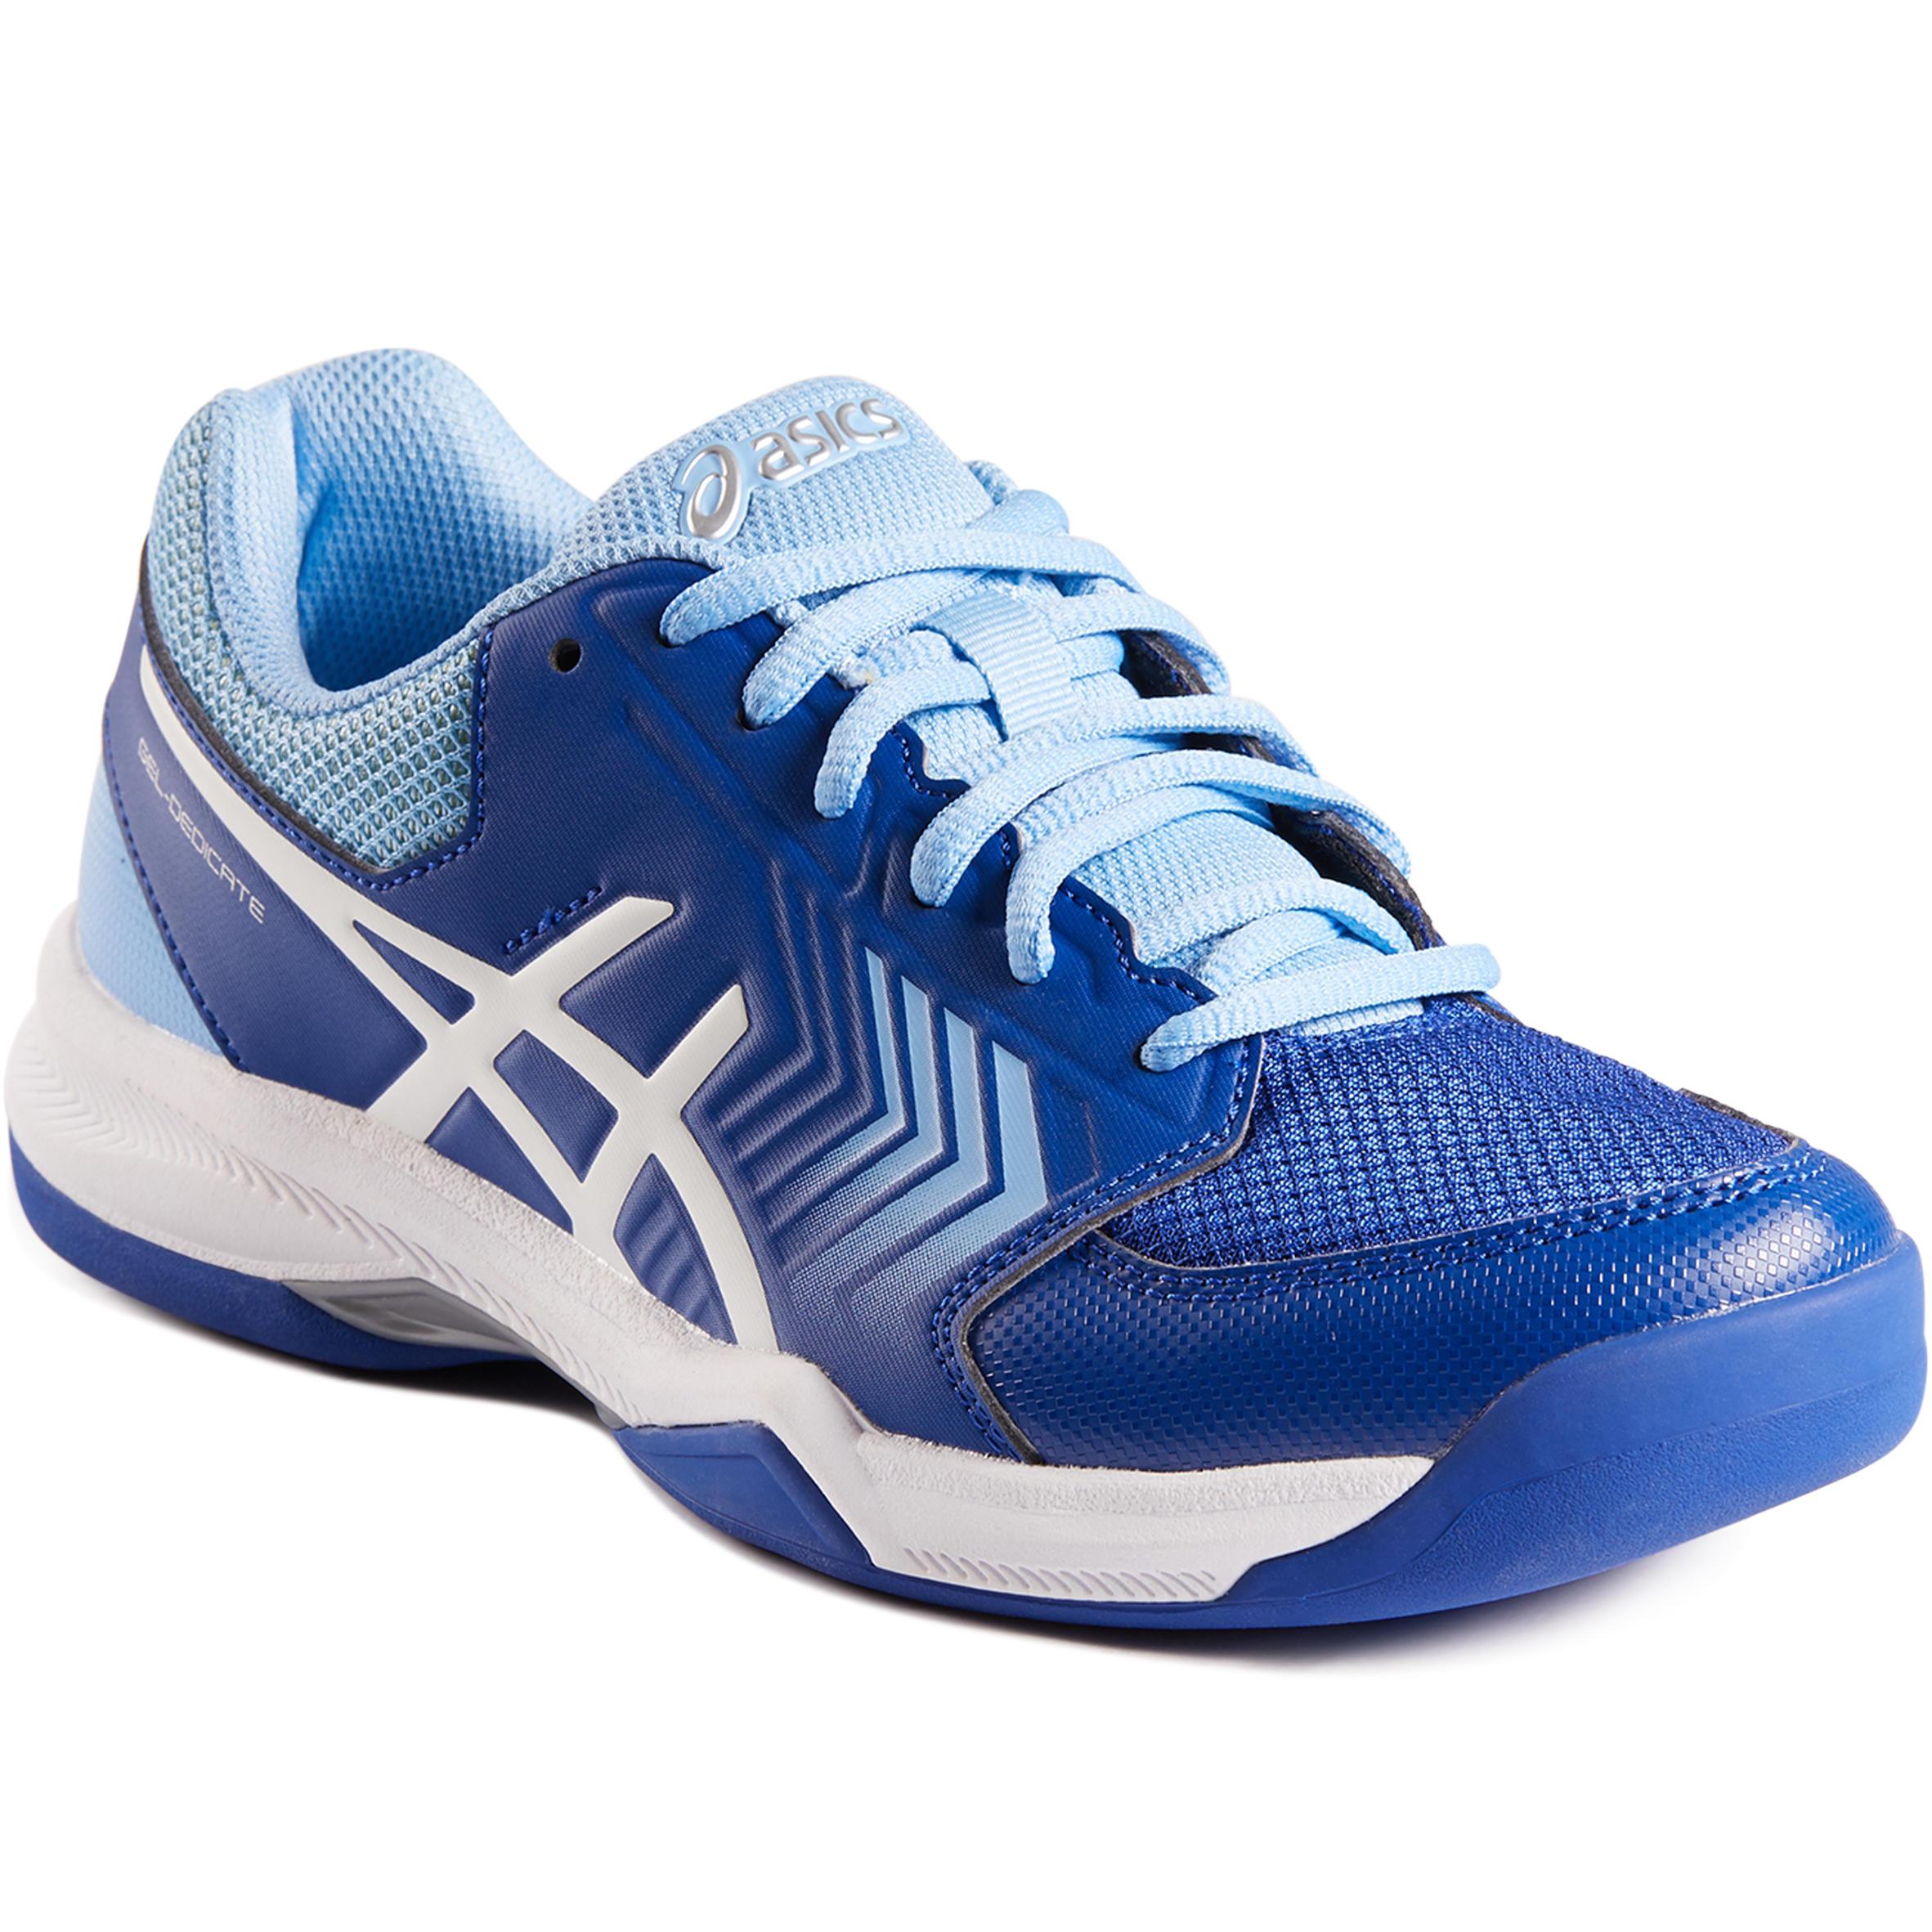 Asics Tennisschoenen voor dames tapijt Asics Gel Dedicate blauw